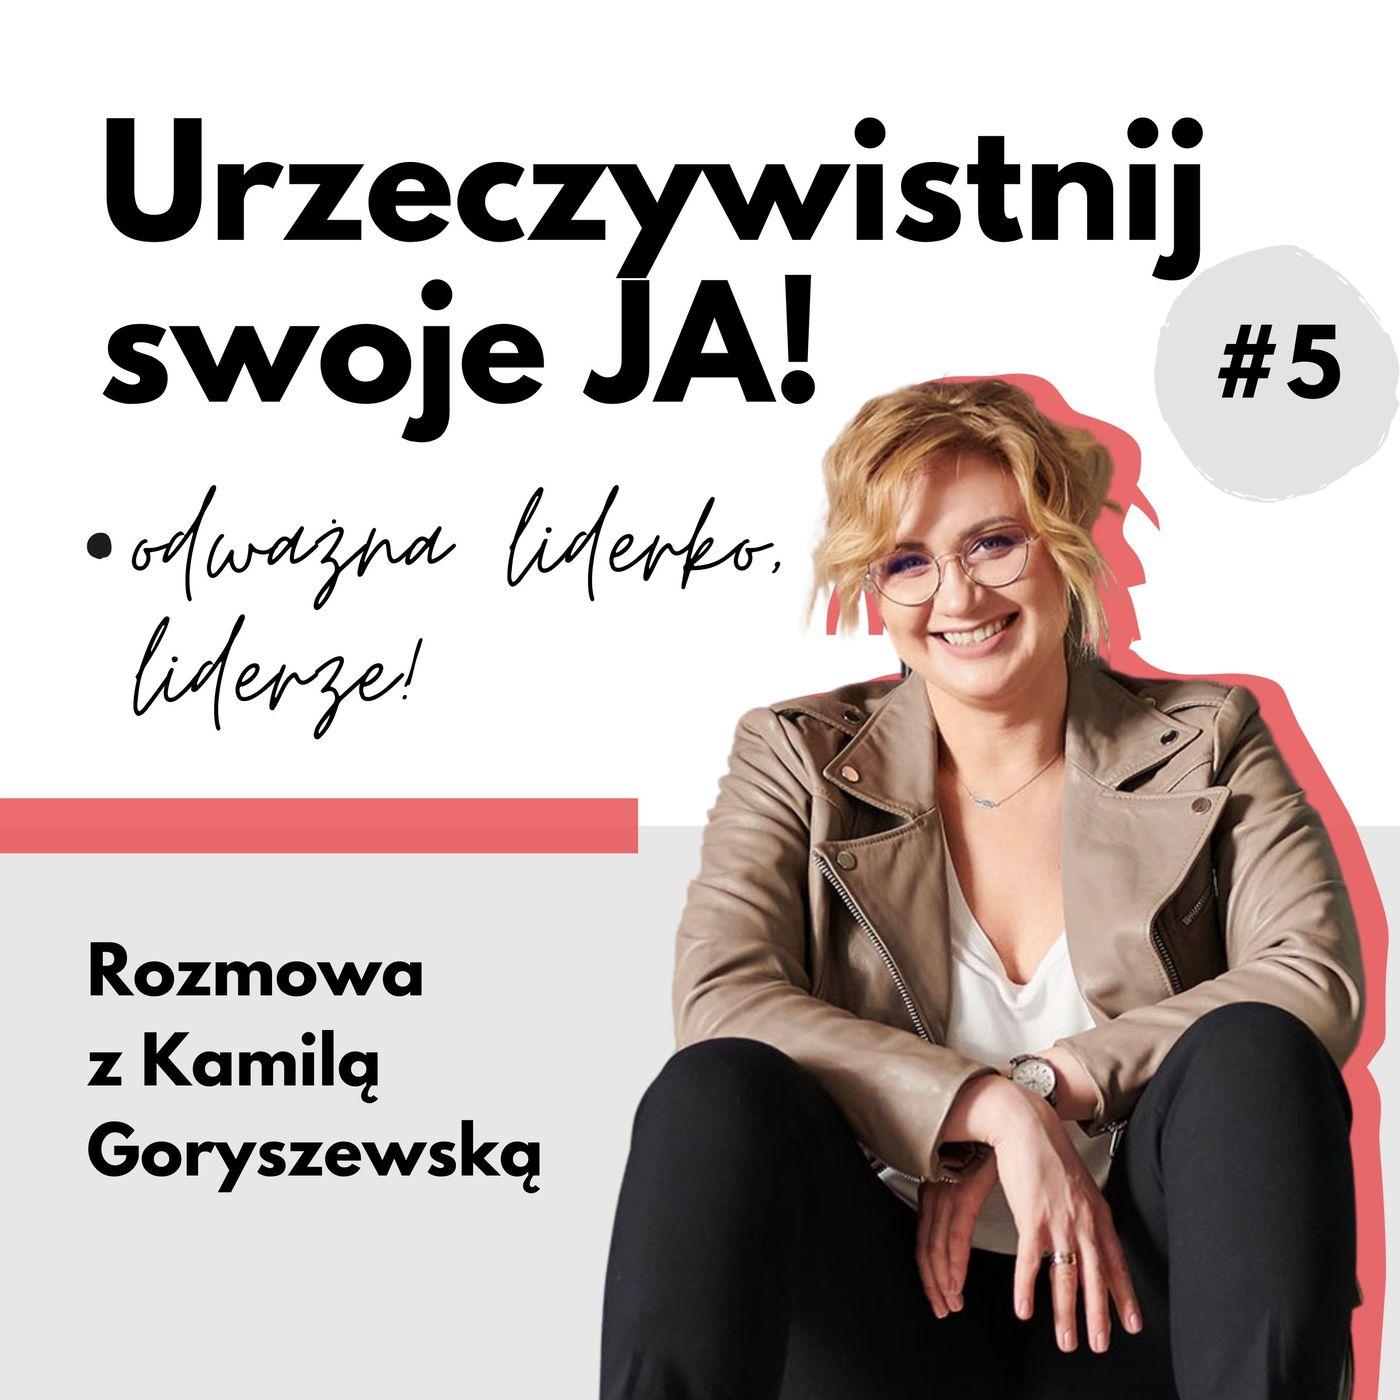 JA.Liderka#5.  O odwadze słuchania. O słuchaniu lidera. Rozmowa z Kamilą Goryszewską.